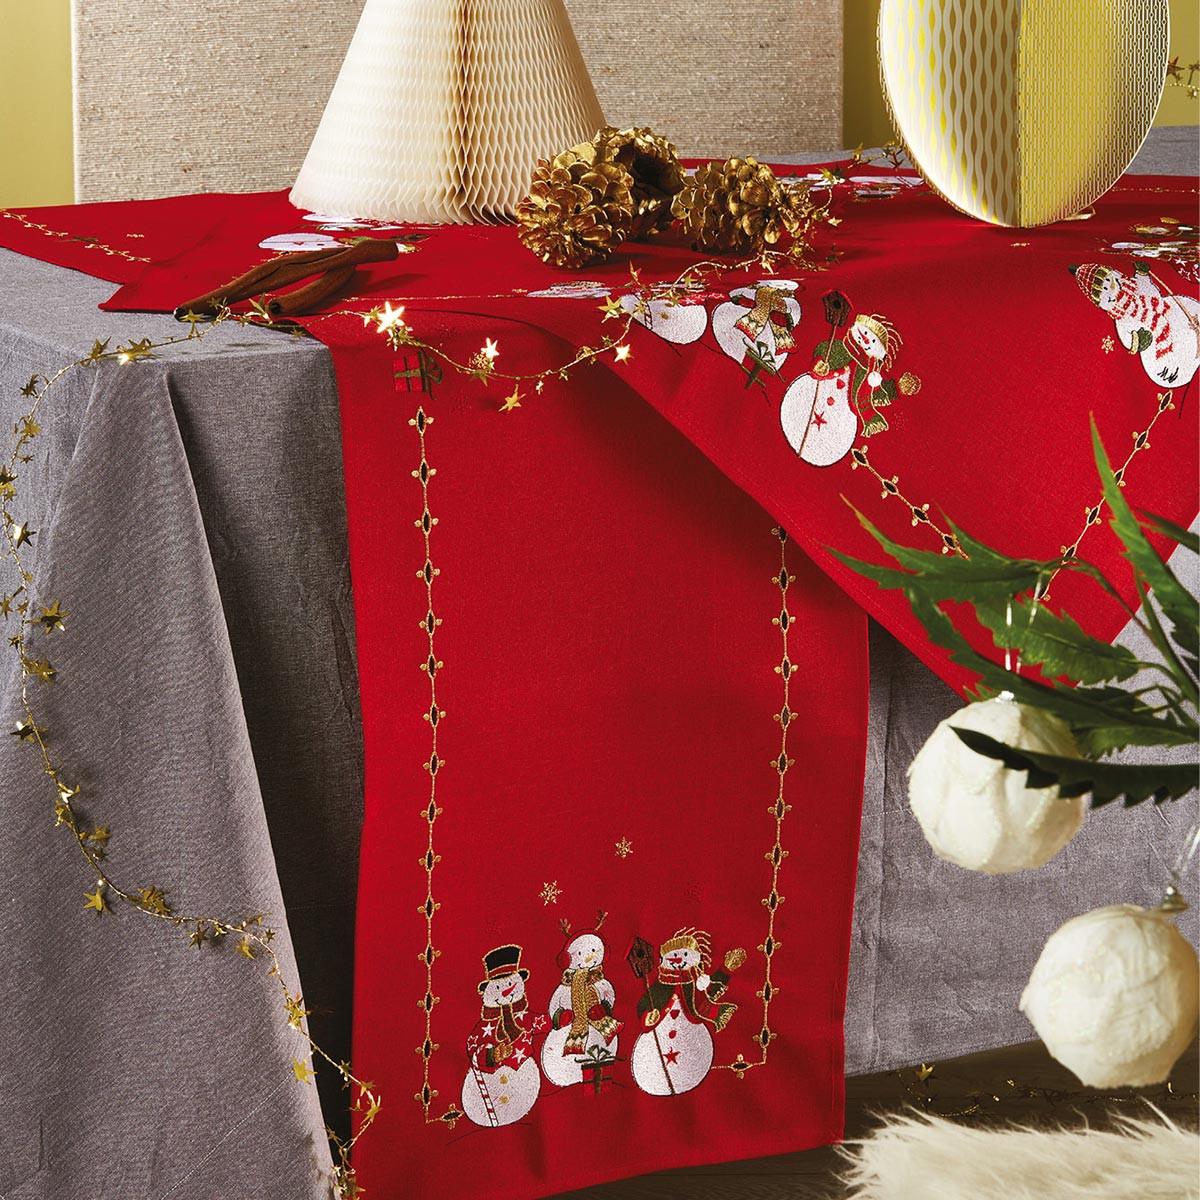 Χριστουγεννιάτικη Τραβέρσα White Egg 17852-R